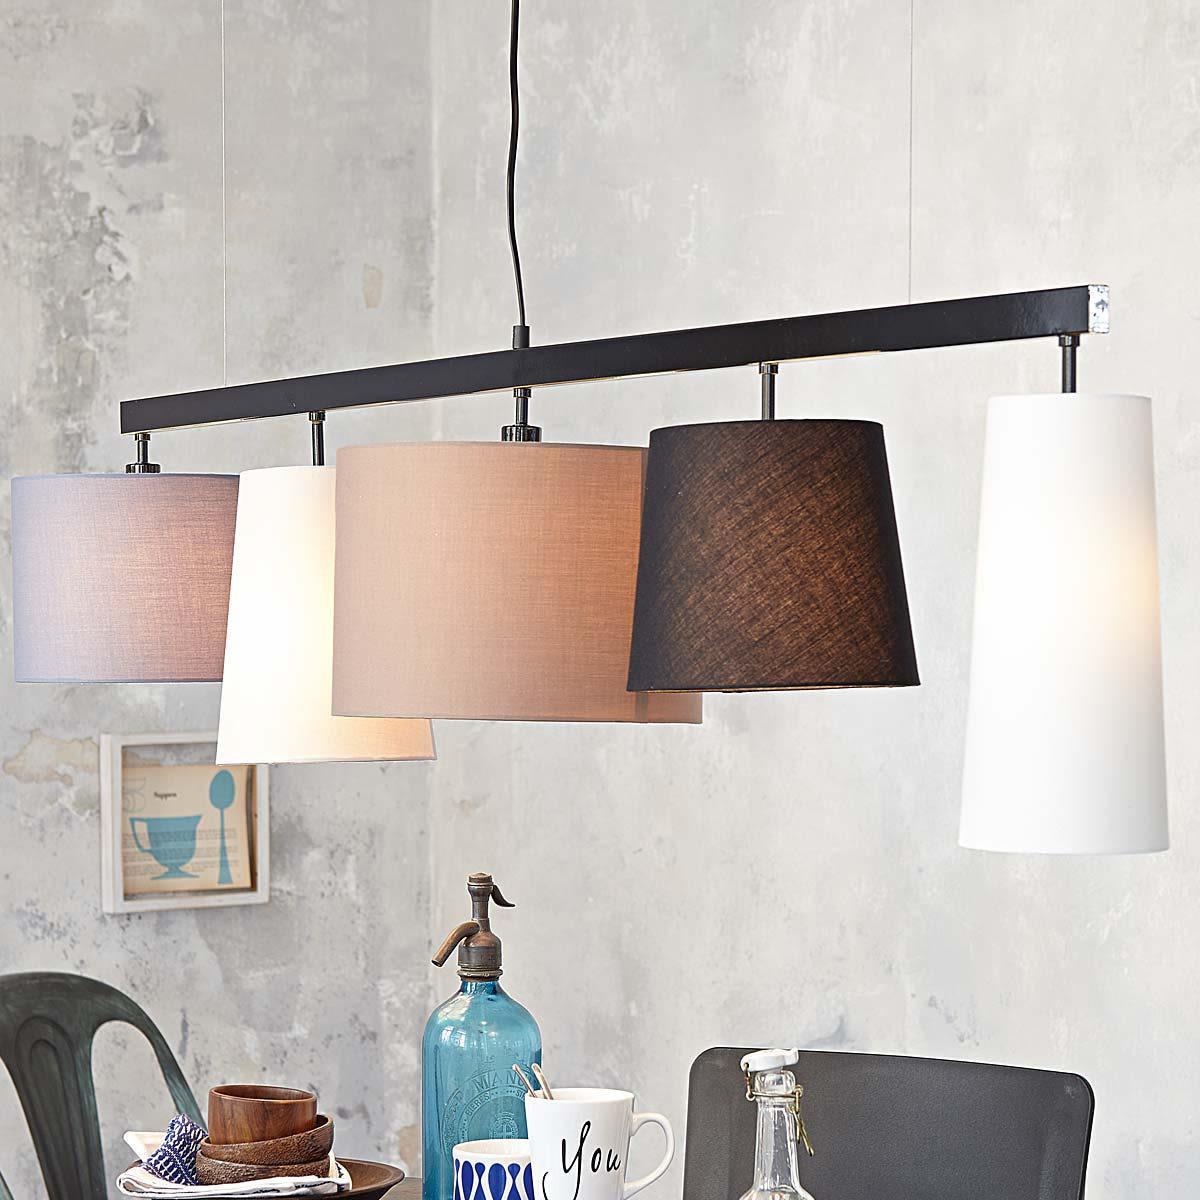 dalber 41412h wolken h ngelampe t rkisfarbige plastik gr n 33 x 33 x 25 cm smash. Black Bedroom Furniture Sets. Home Design Ideas